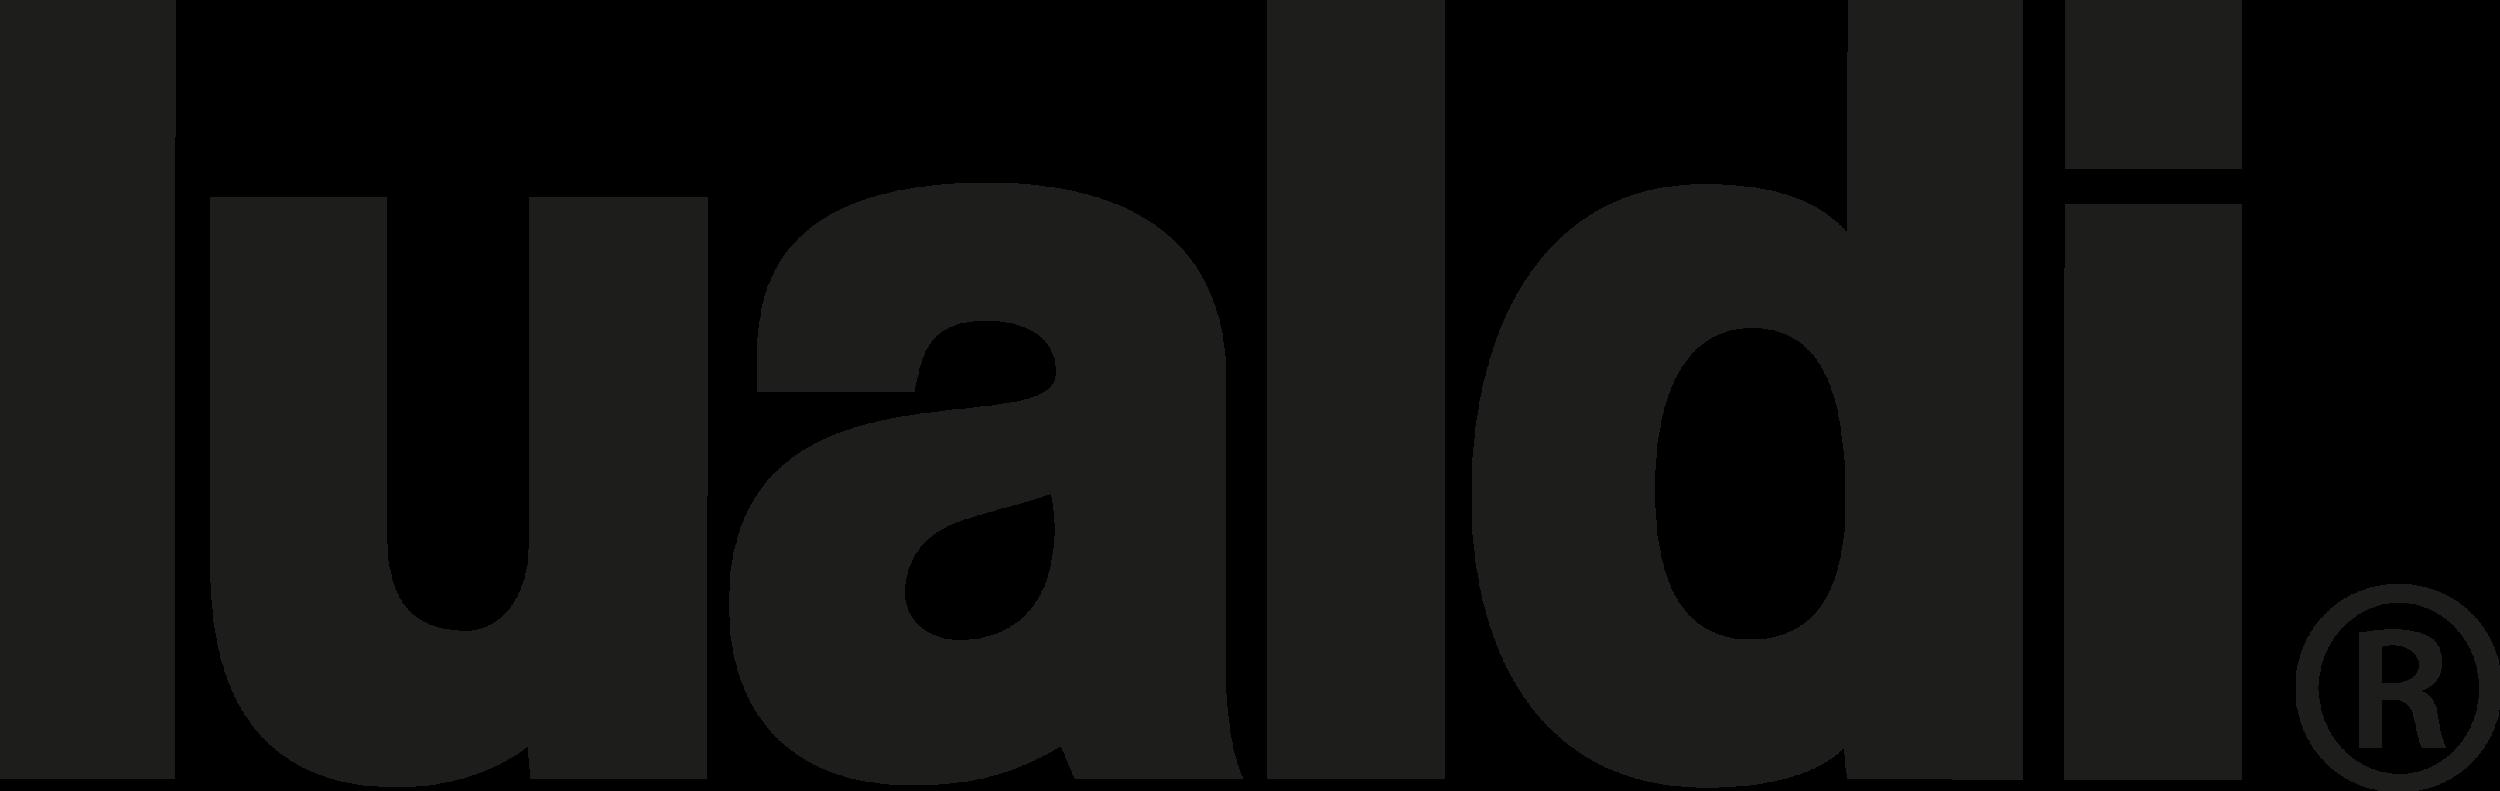 logo LUALDIr vett.png